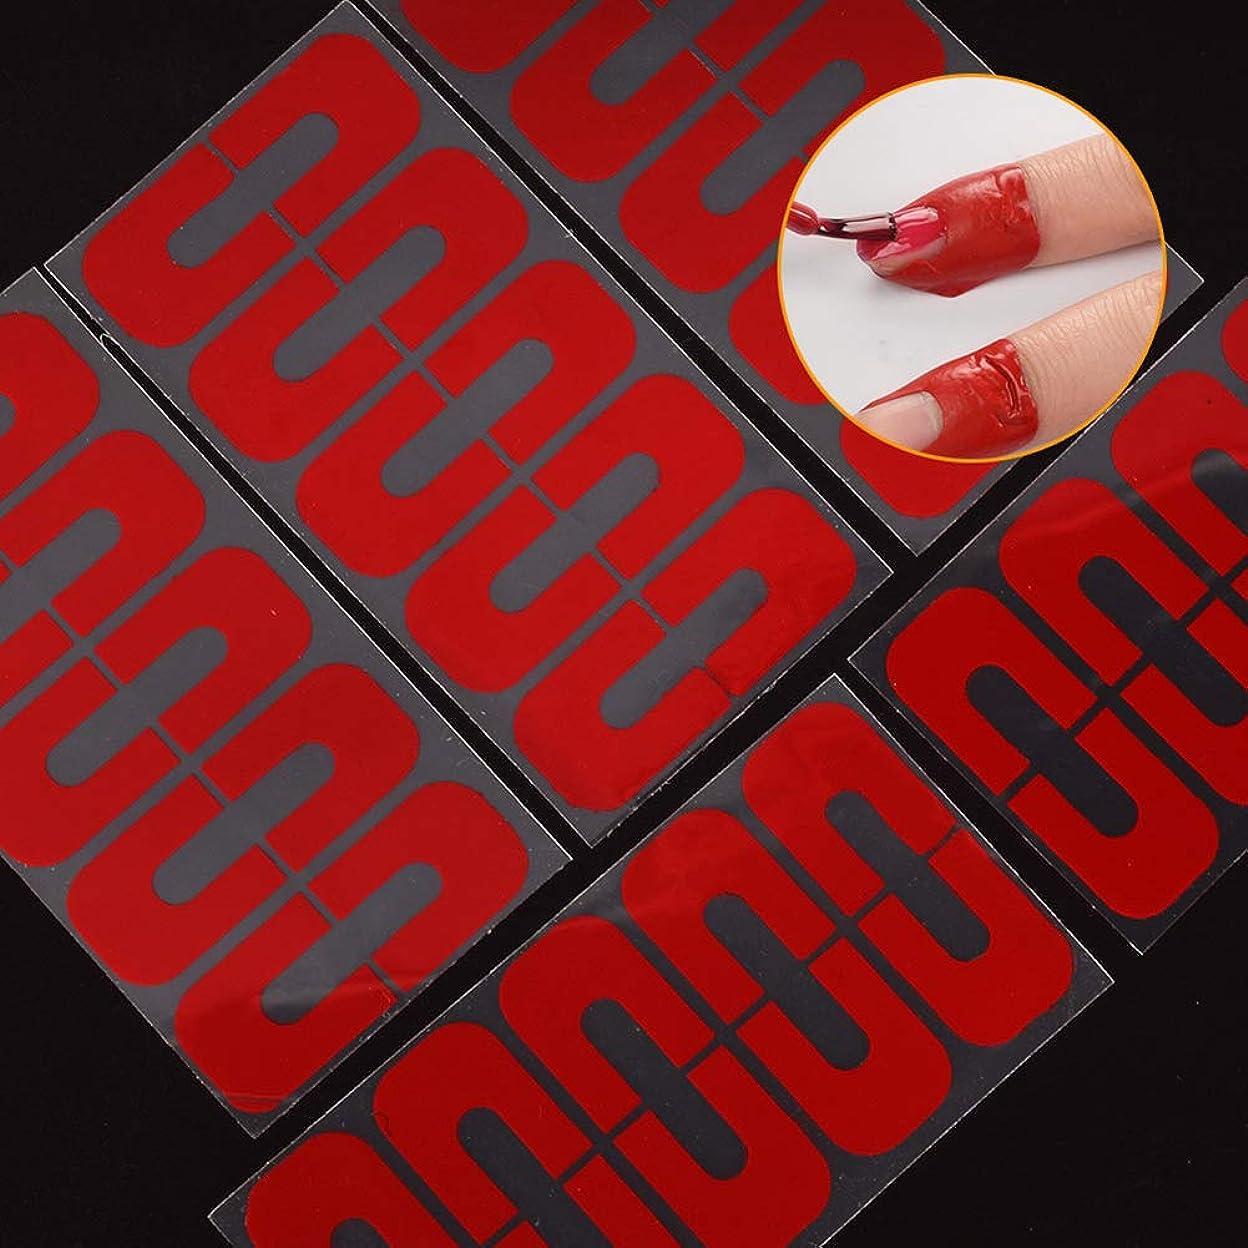 物質矩形正義hamulekfae-50個使い捨てU字型こぼれ防止ネイルプロテクター弾性指カバーステッカー - 赤50個Red50pcs